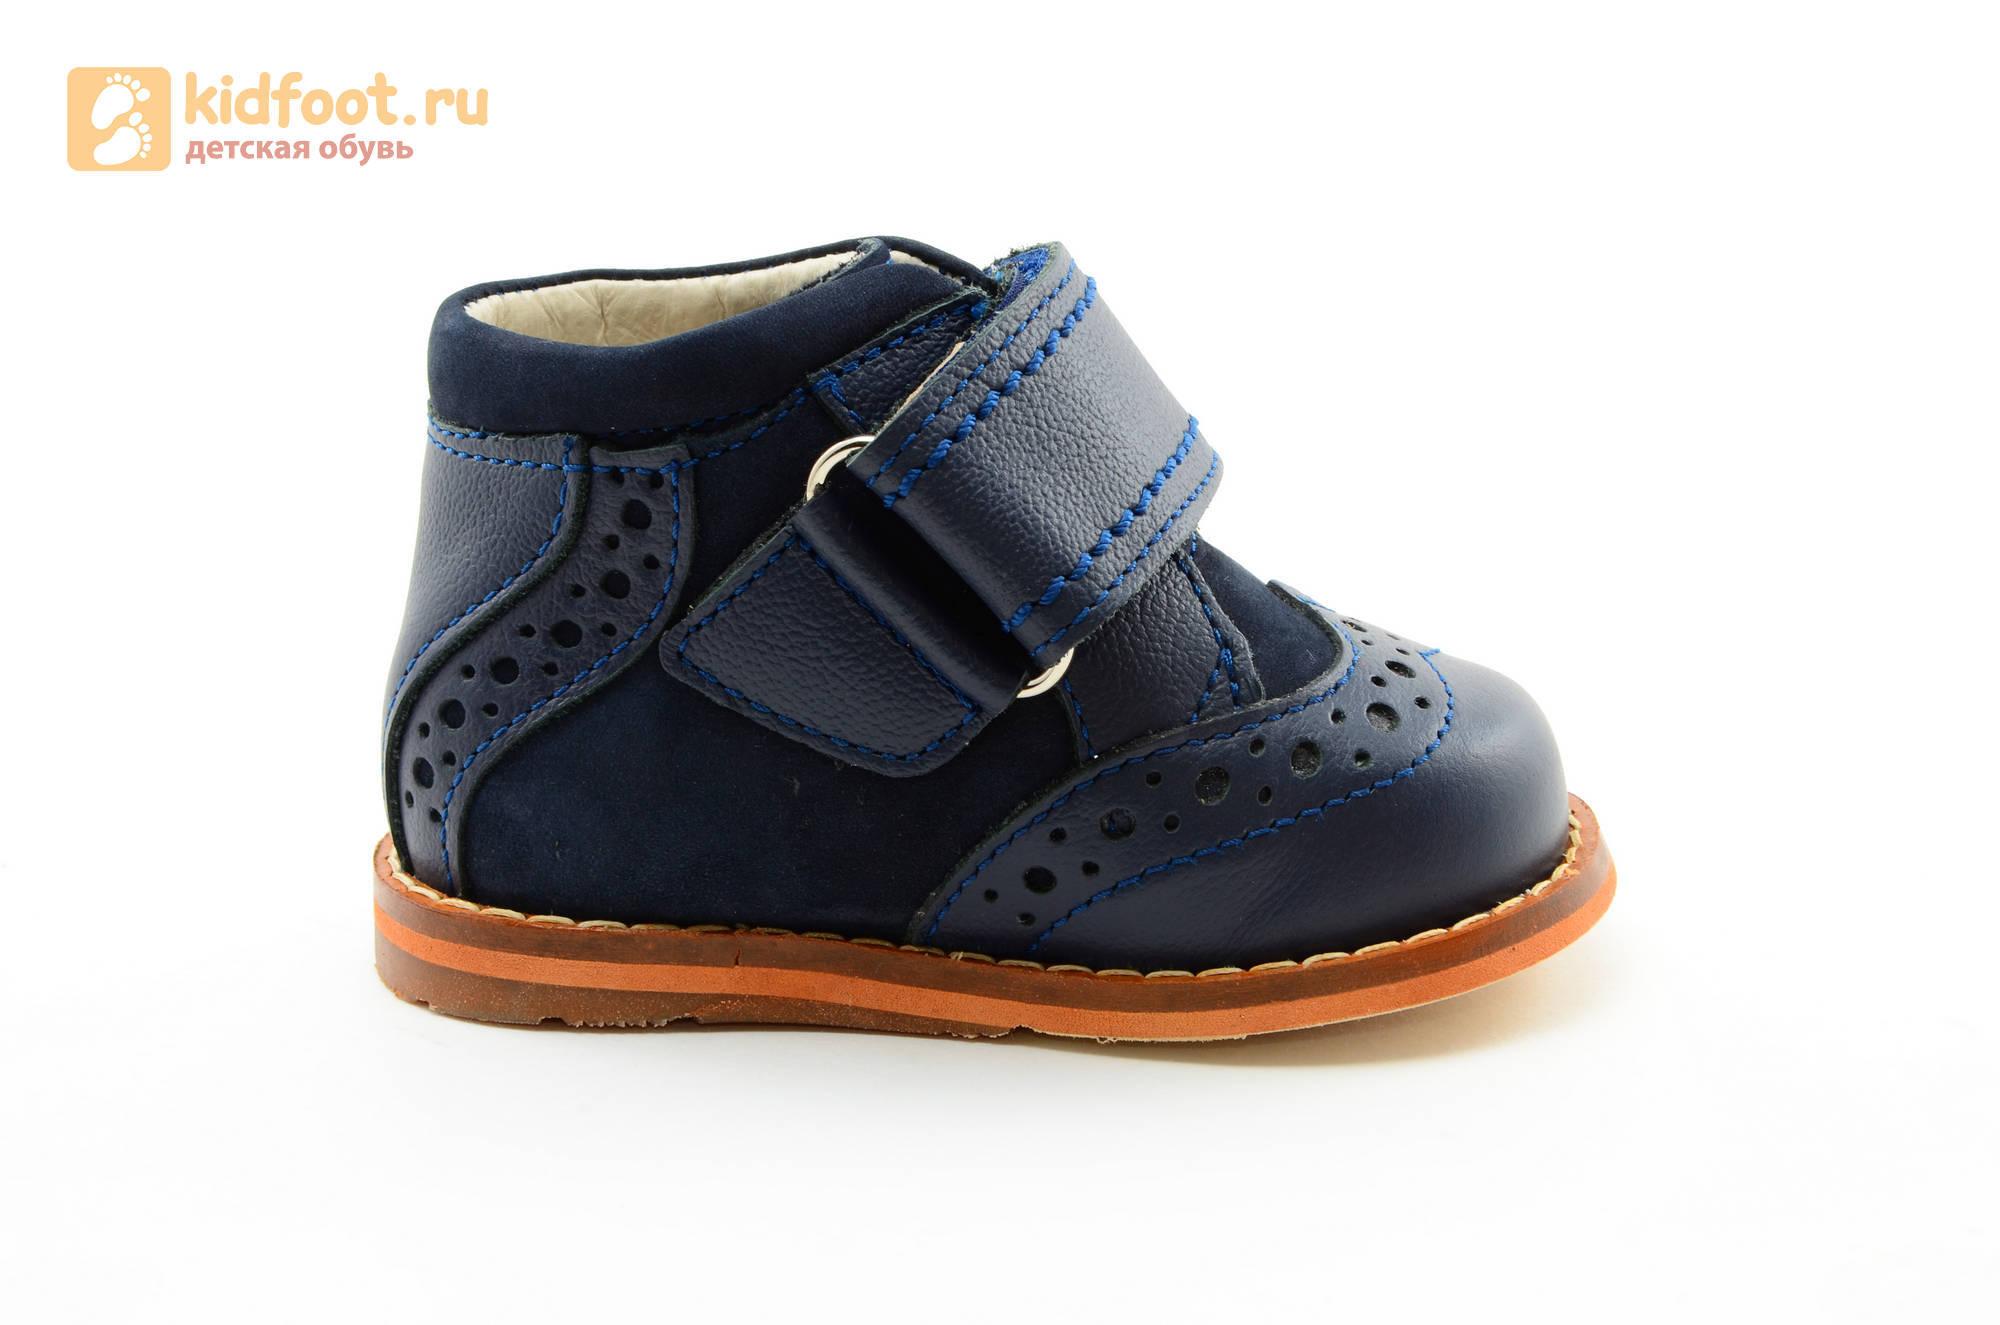 Ботинки для мальчиков Тотто из натуральной кожи на липучке цвет Синий, 09A